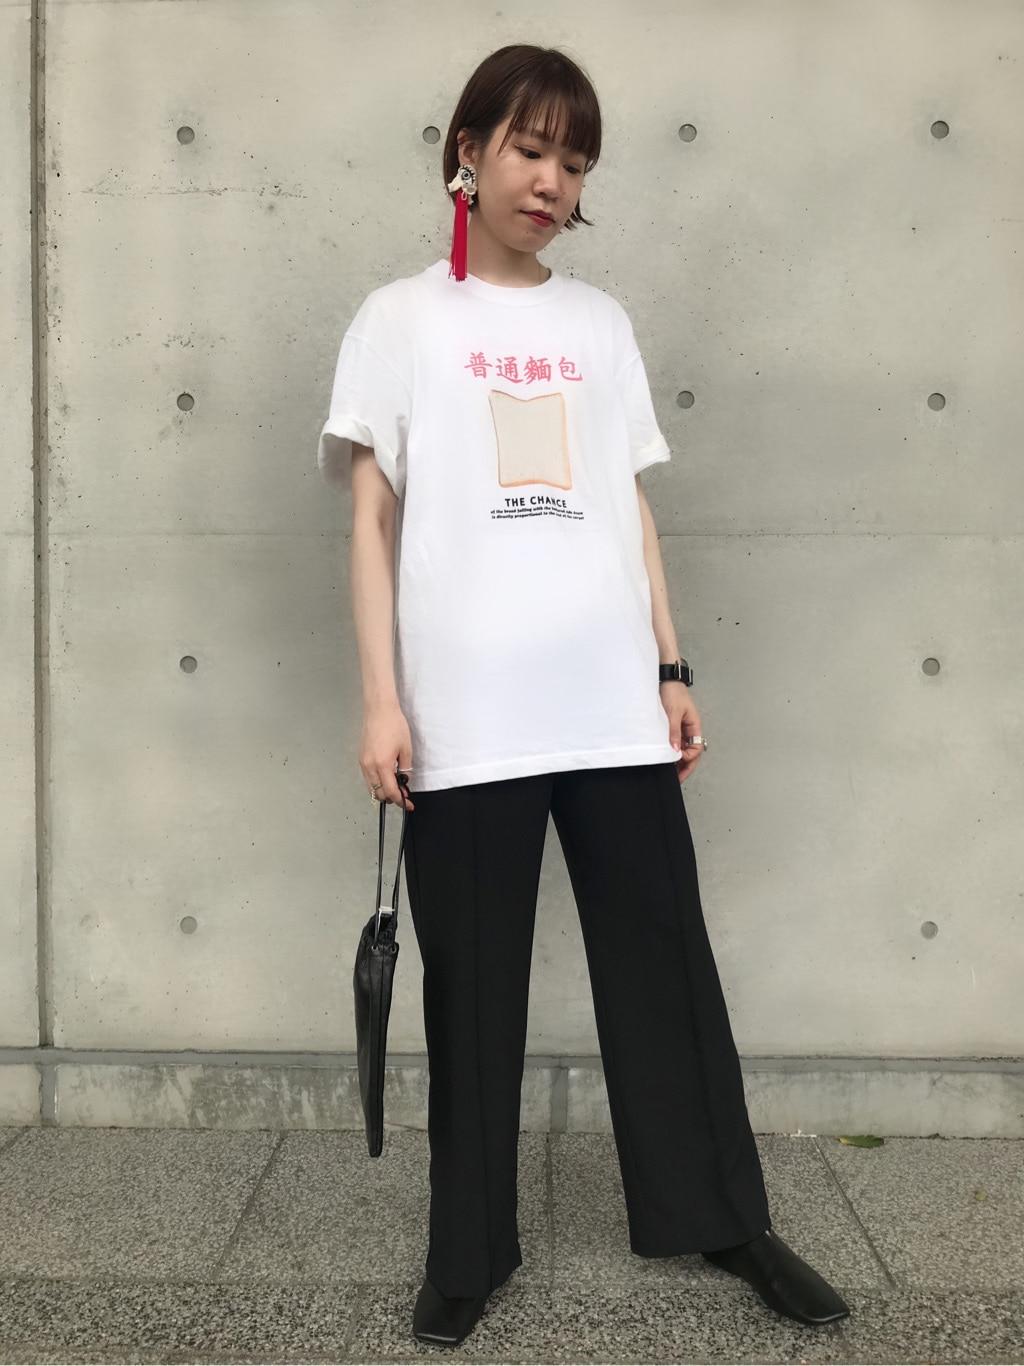 l'atelier du savon 東京スカイツリータウン・ソラマチ 身長:162cm 2020.08.16